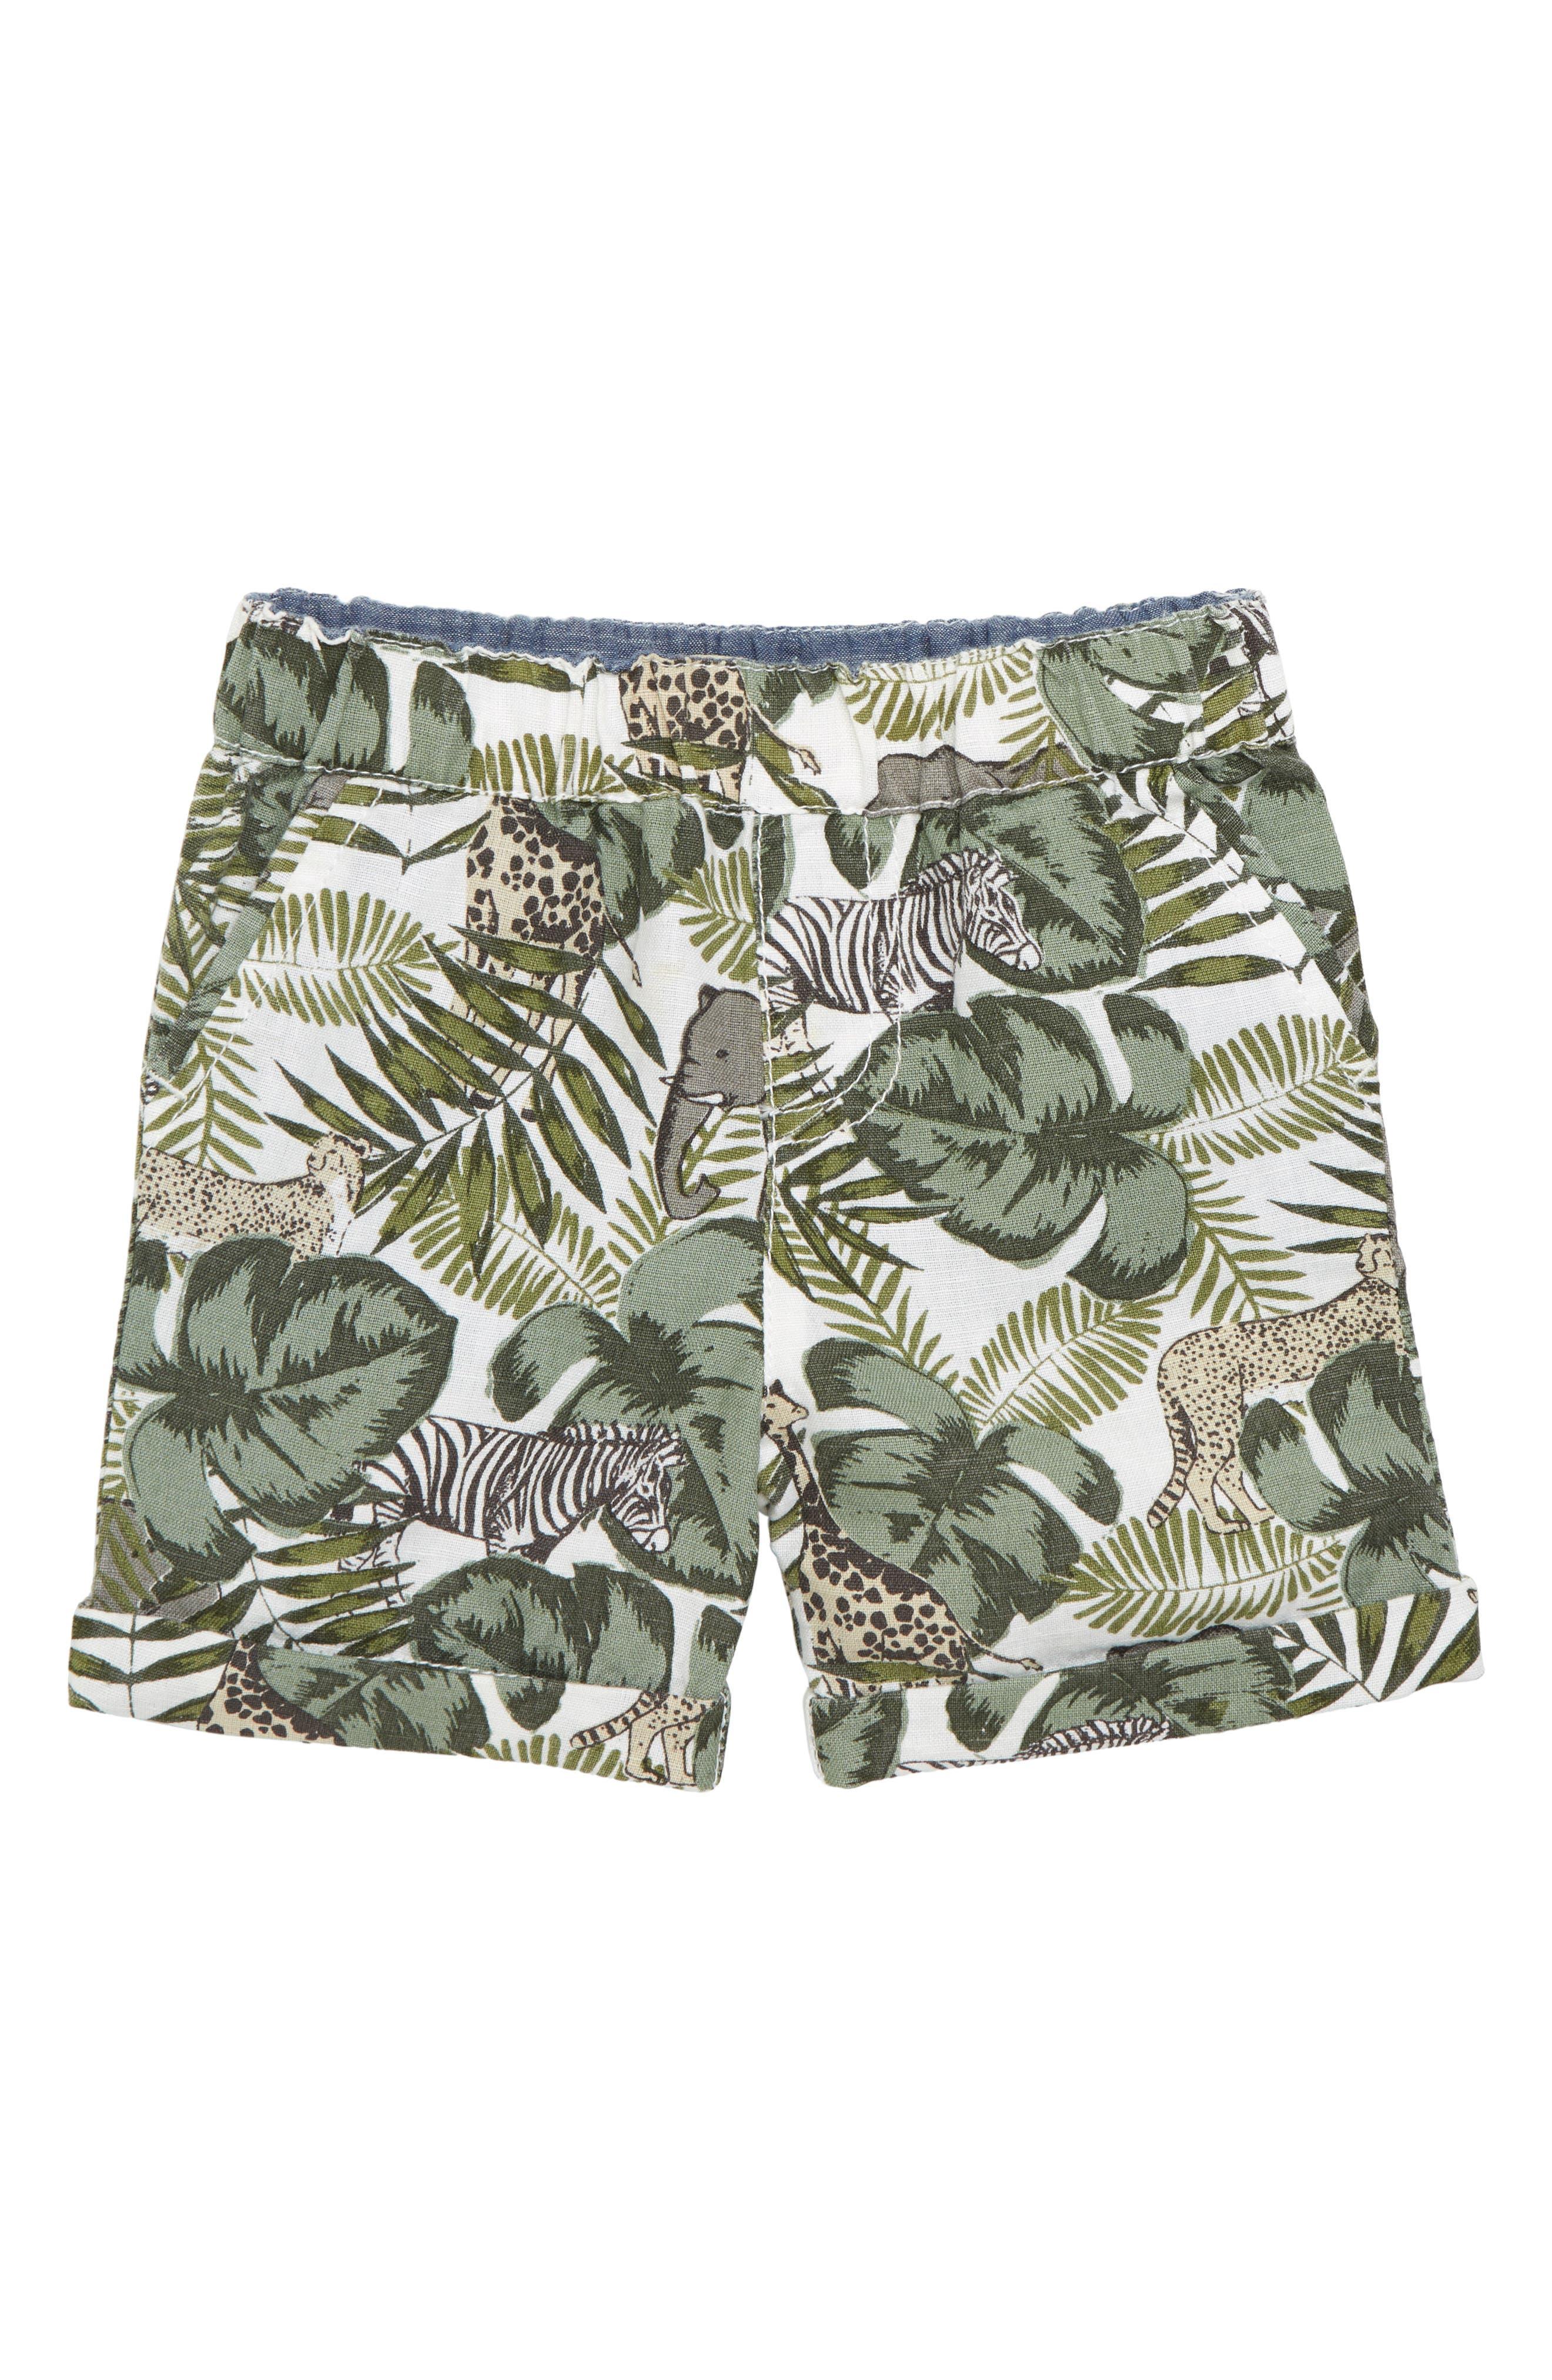 Animal Camo Shorts,                             Main thumbnail 1, color,                             Olive